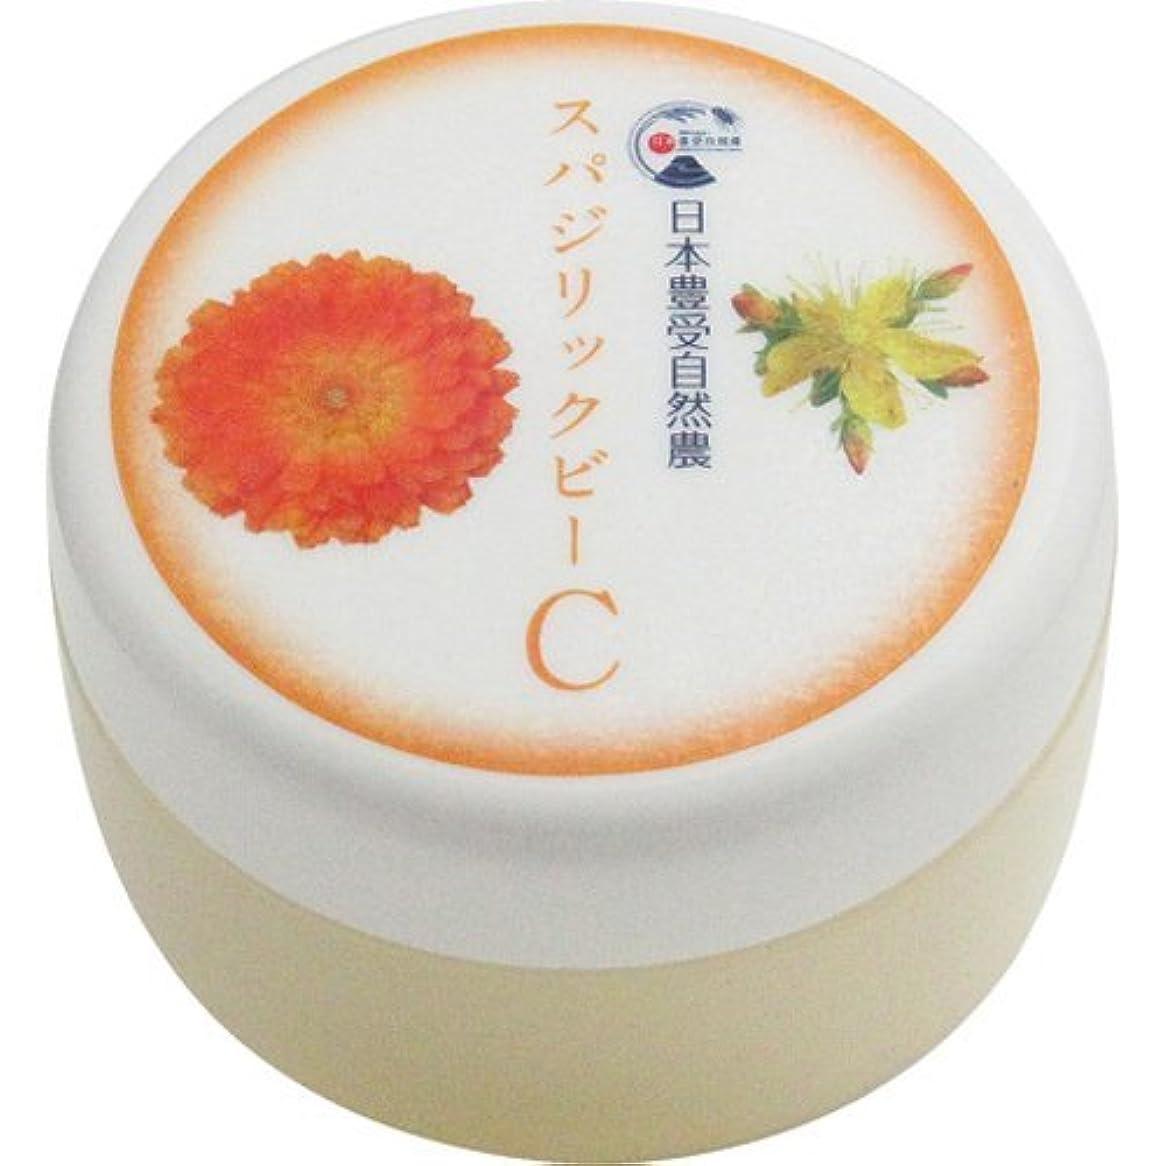 文庫本フック熟考する日本豊受自然農 スパジリック ビーC(大) 45g